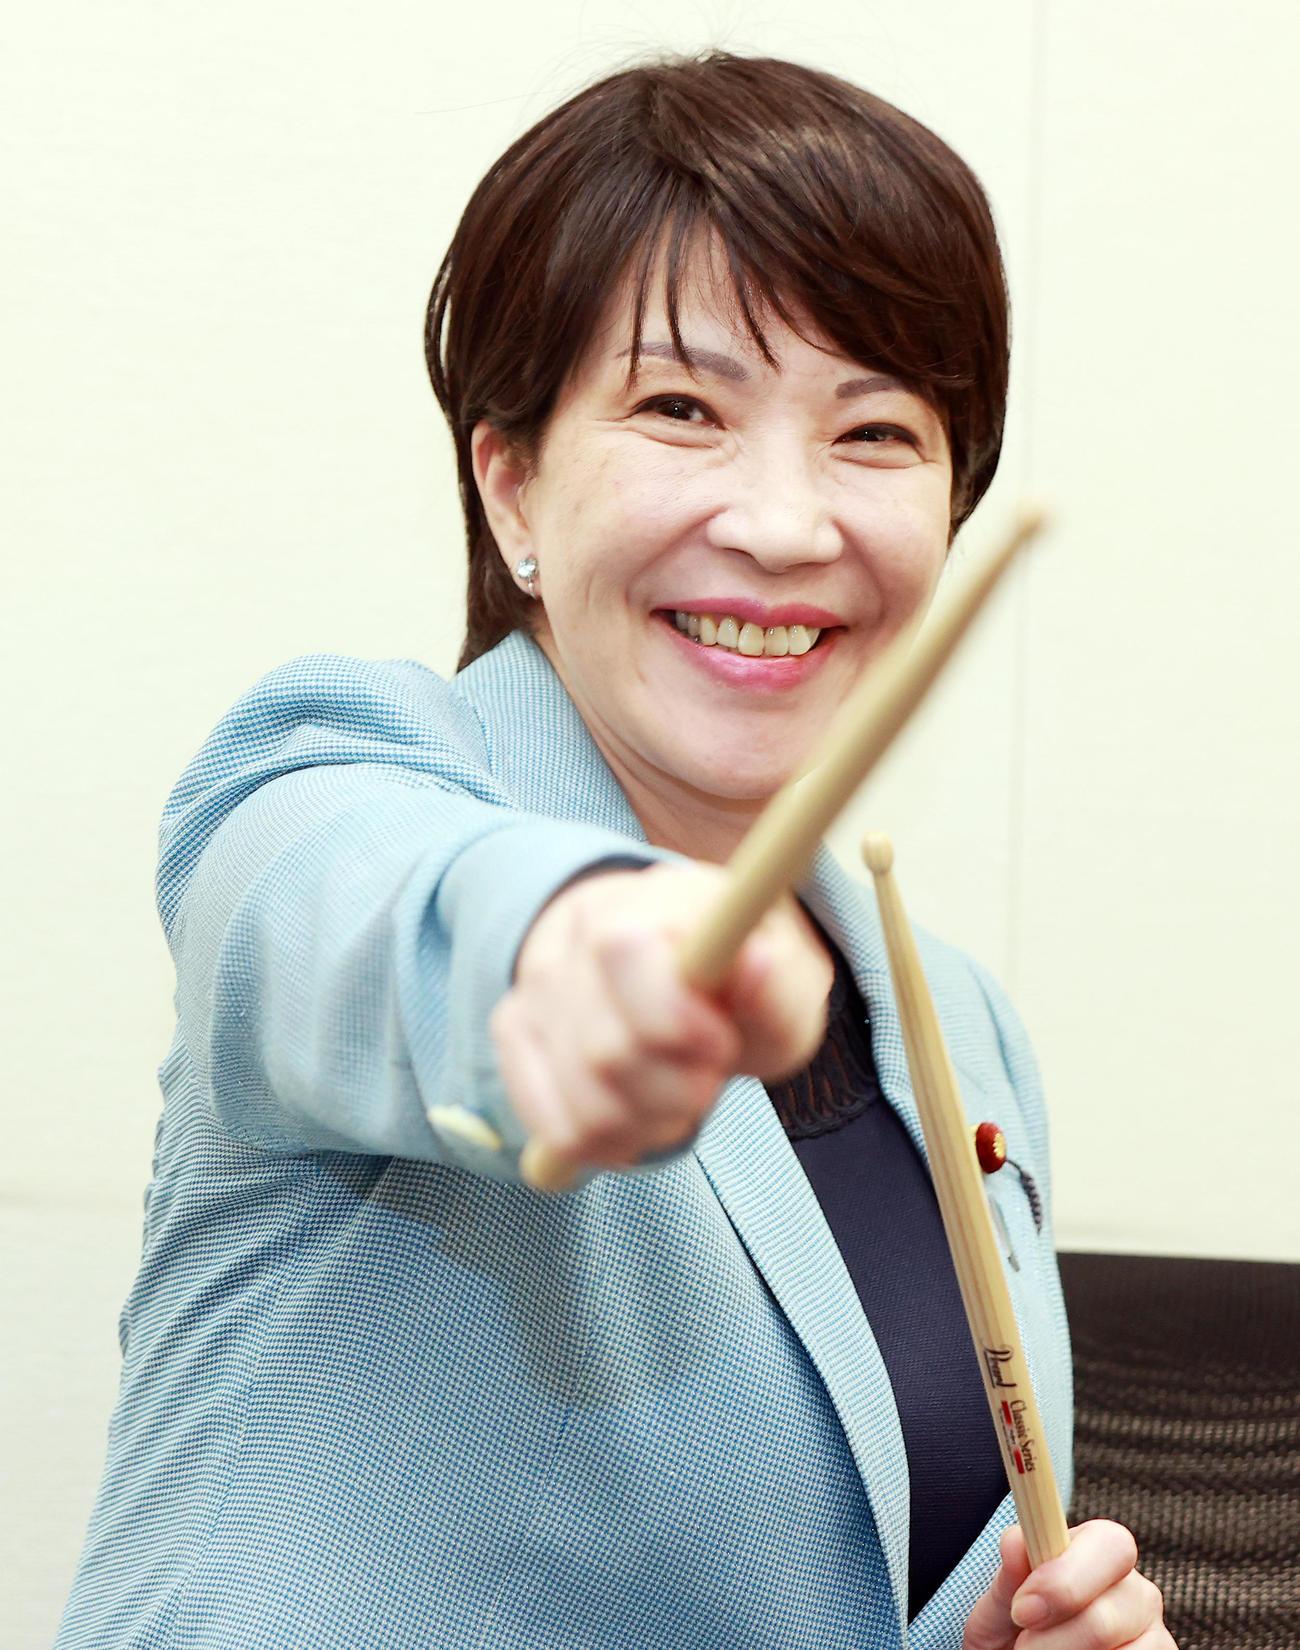 自民党総裁選に向け、ドラムスティックを手に笑顔を見せる高市早苗前総務相(撮影・浅見桂子)